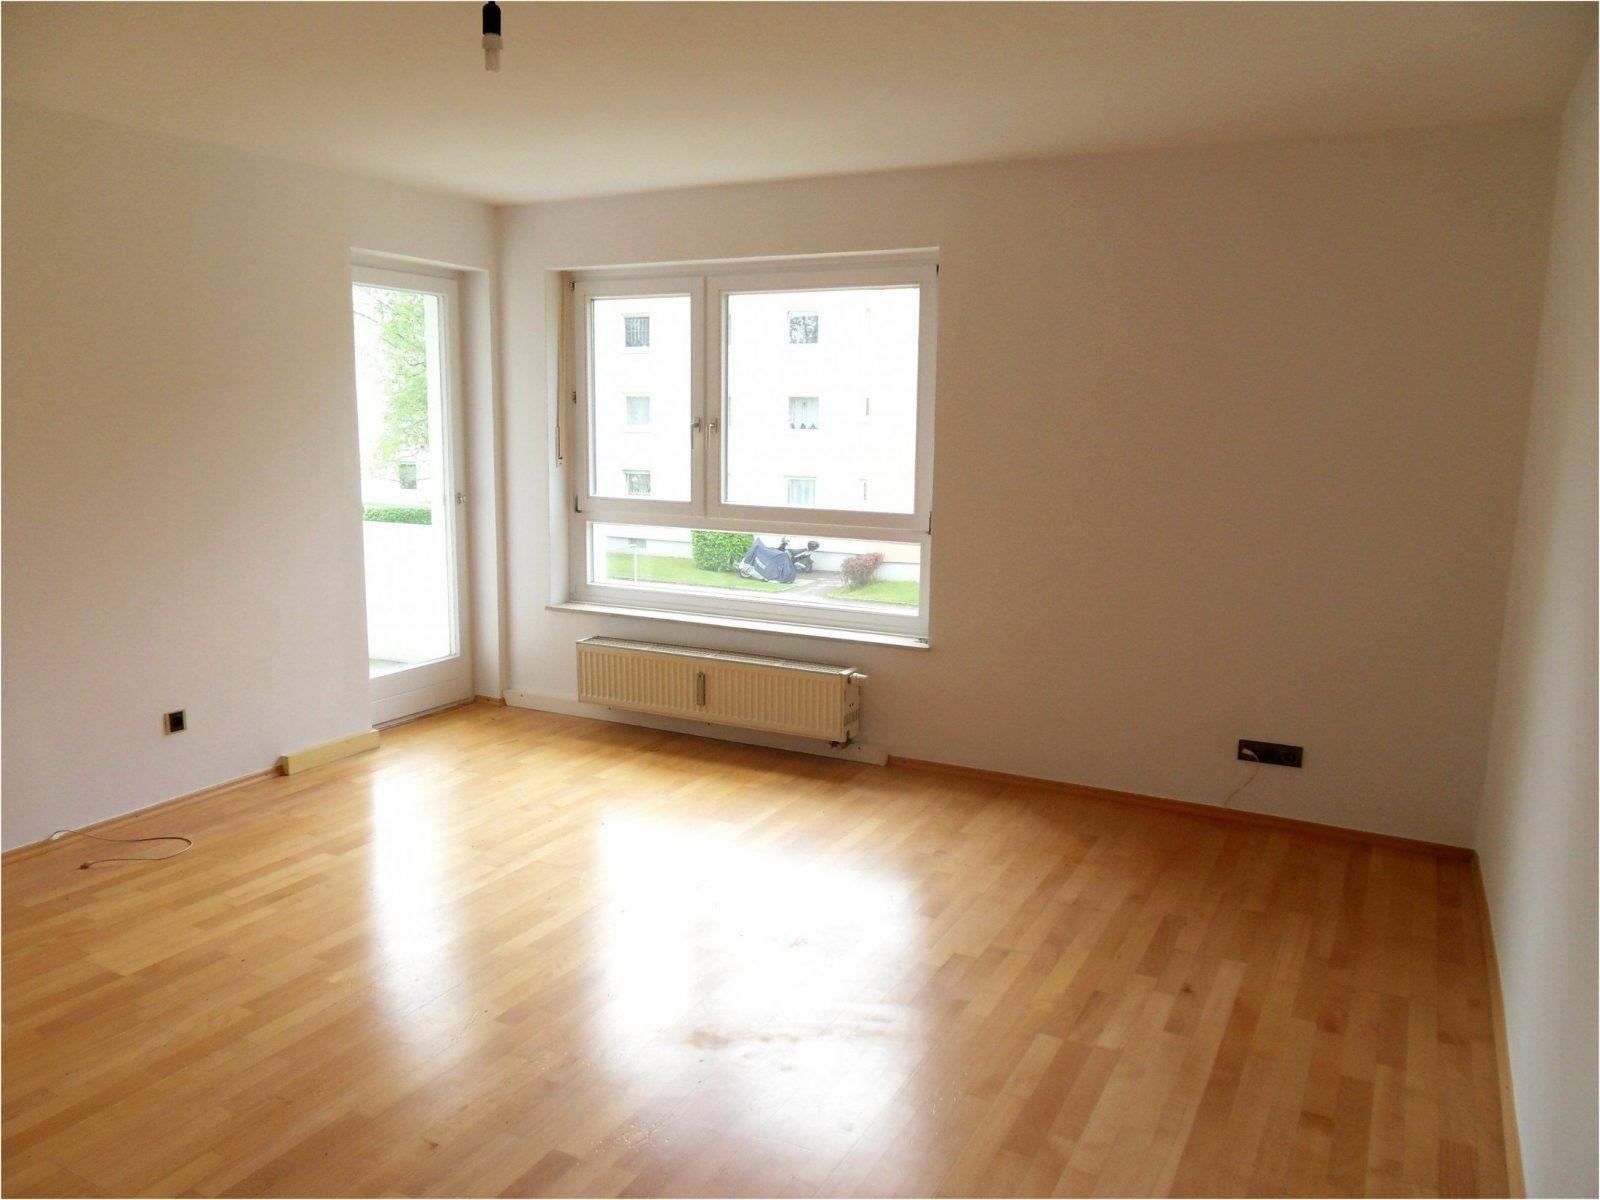 23 Excellent Konzepte Betreffend München Wohnung Mieten  Beste von 2 Zimmer Wohnung Mieten München Provisionsfrei Bild